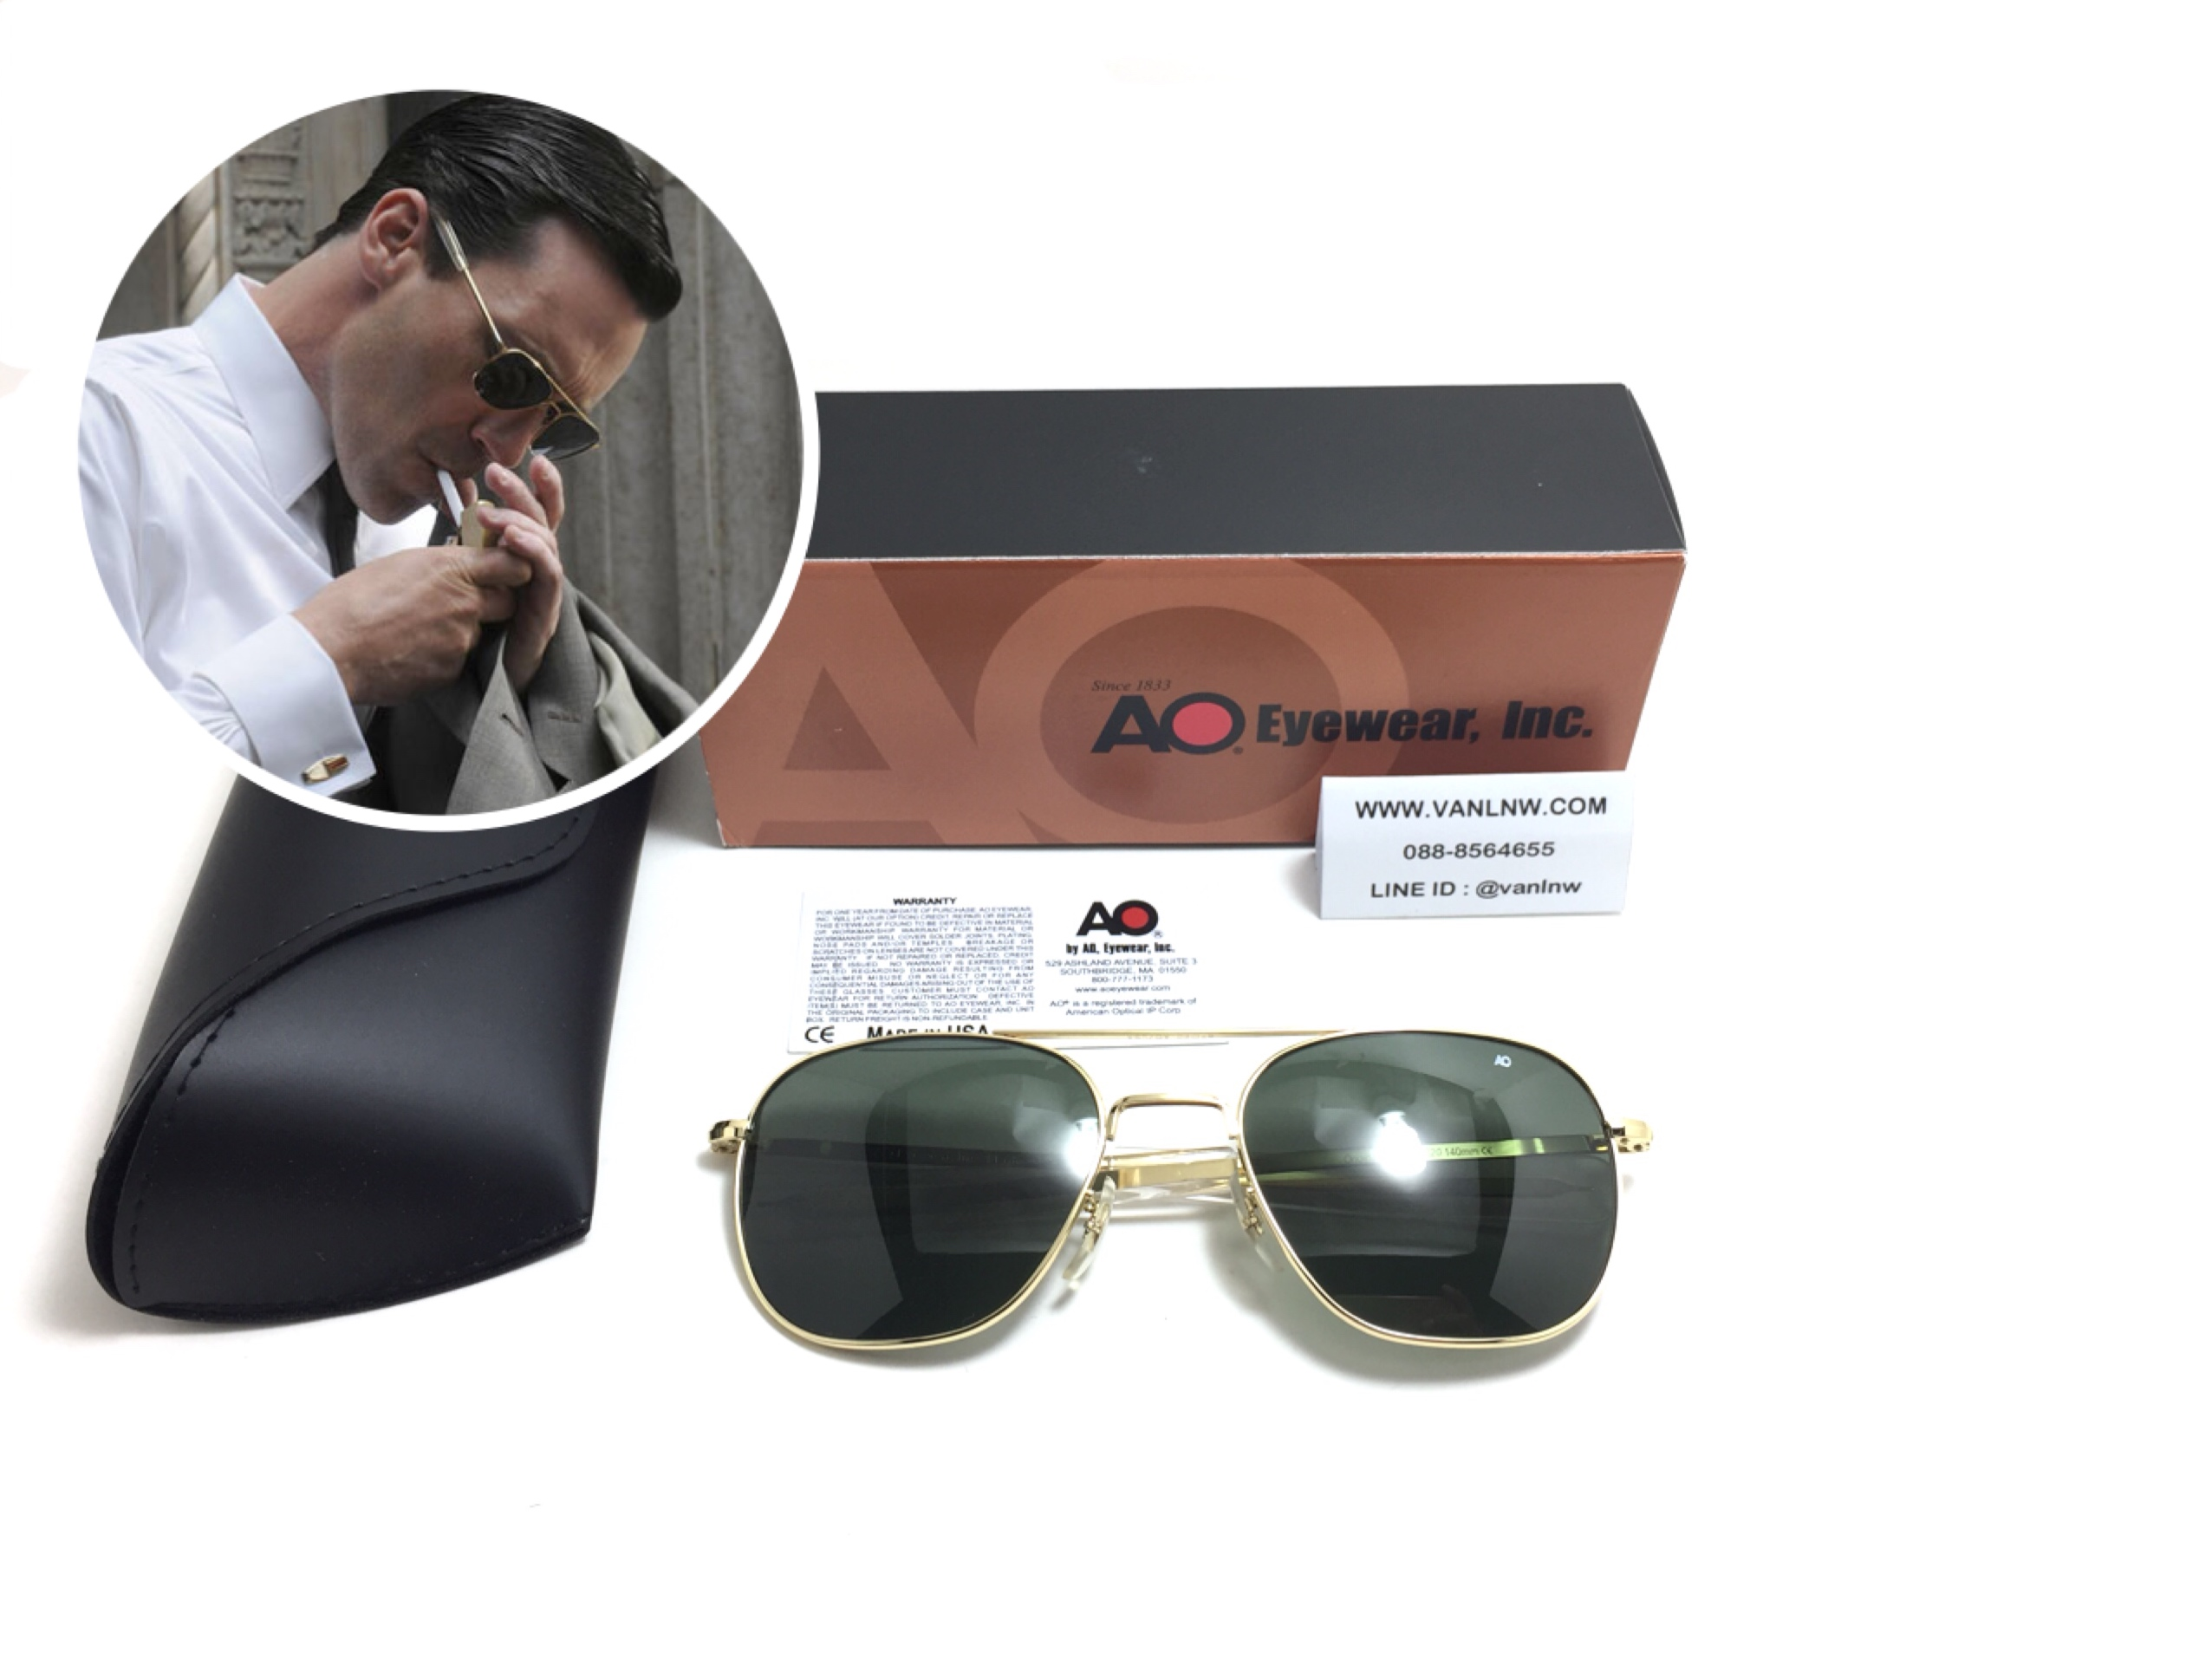 แว่นกันแดด Ao Original Pilot Made in USA (ทอง) ของแท้ 100%